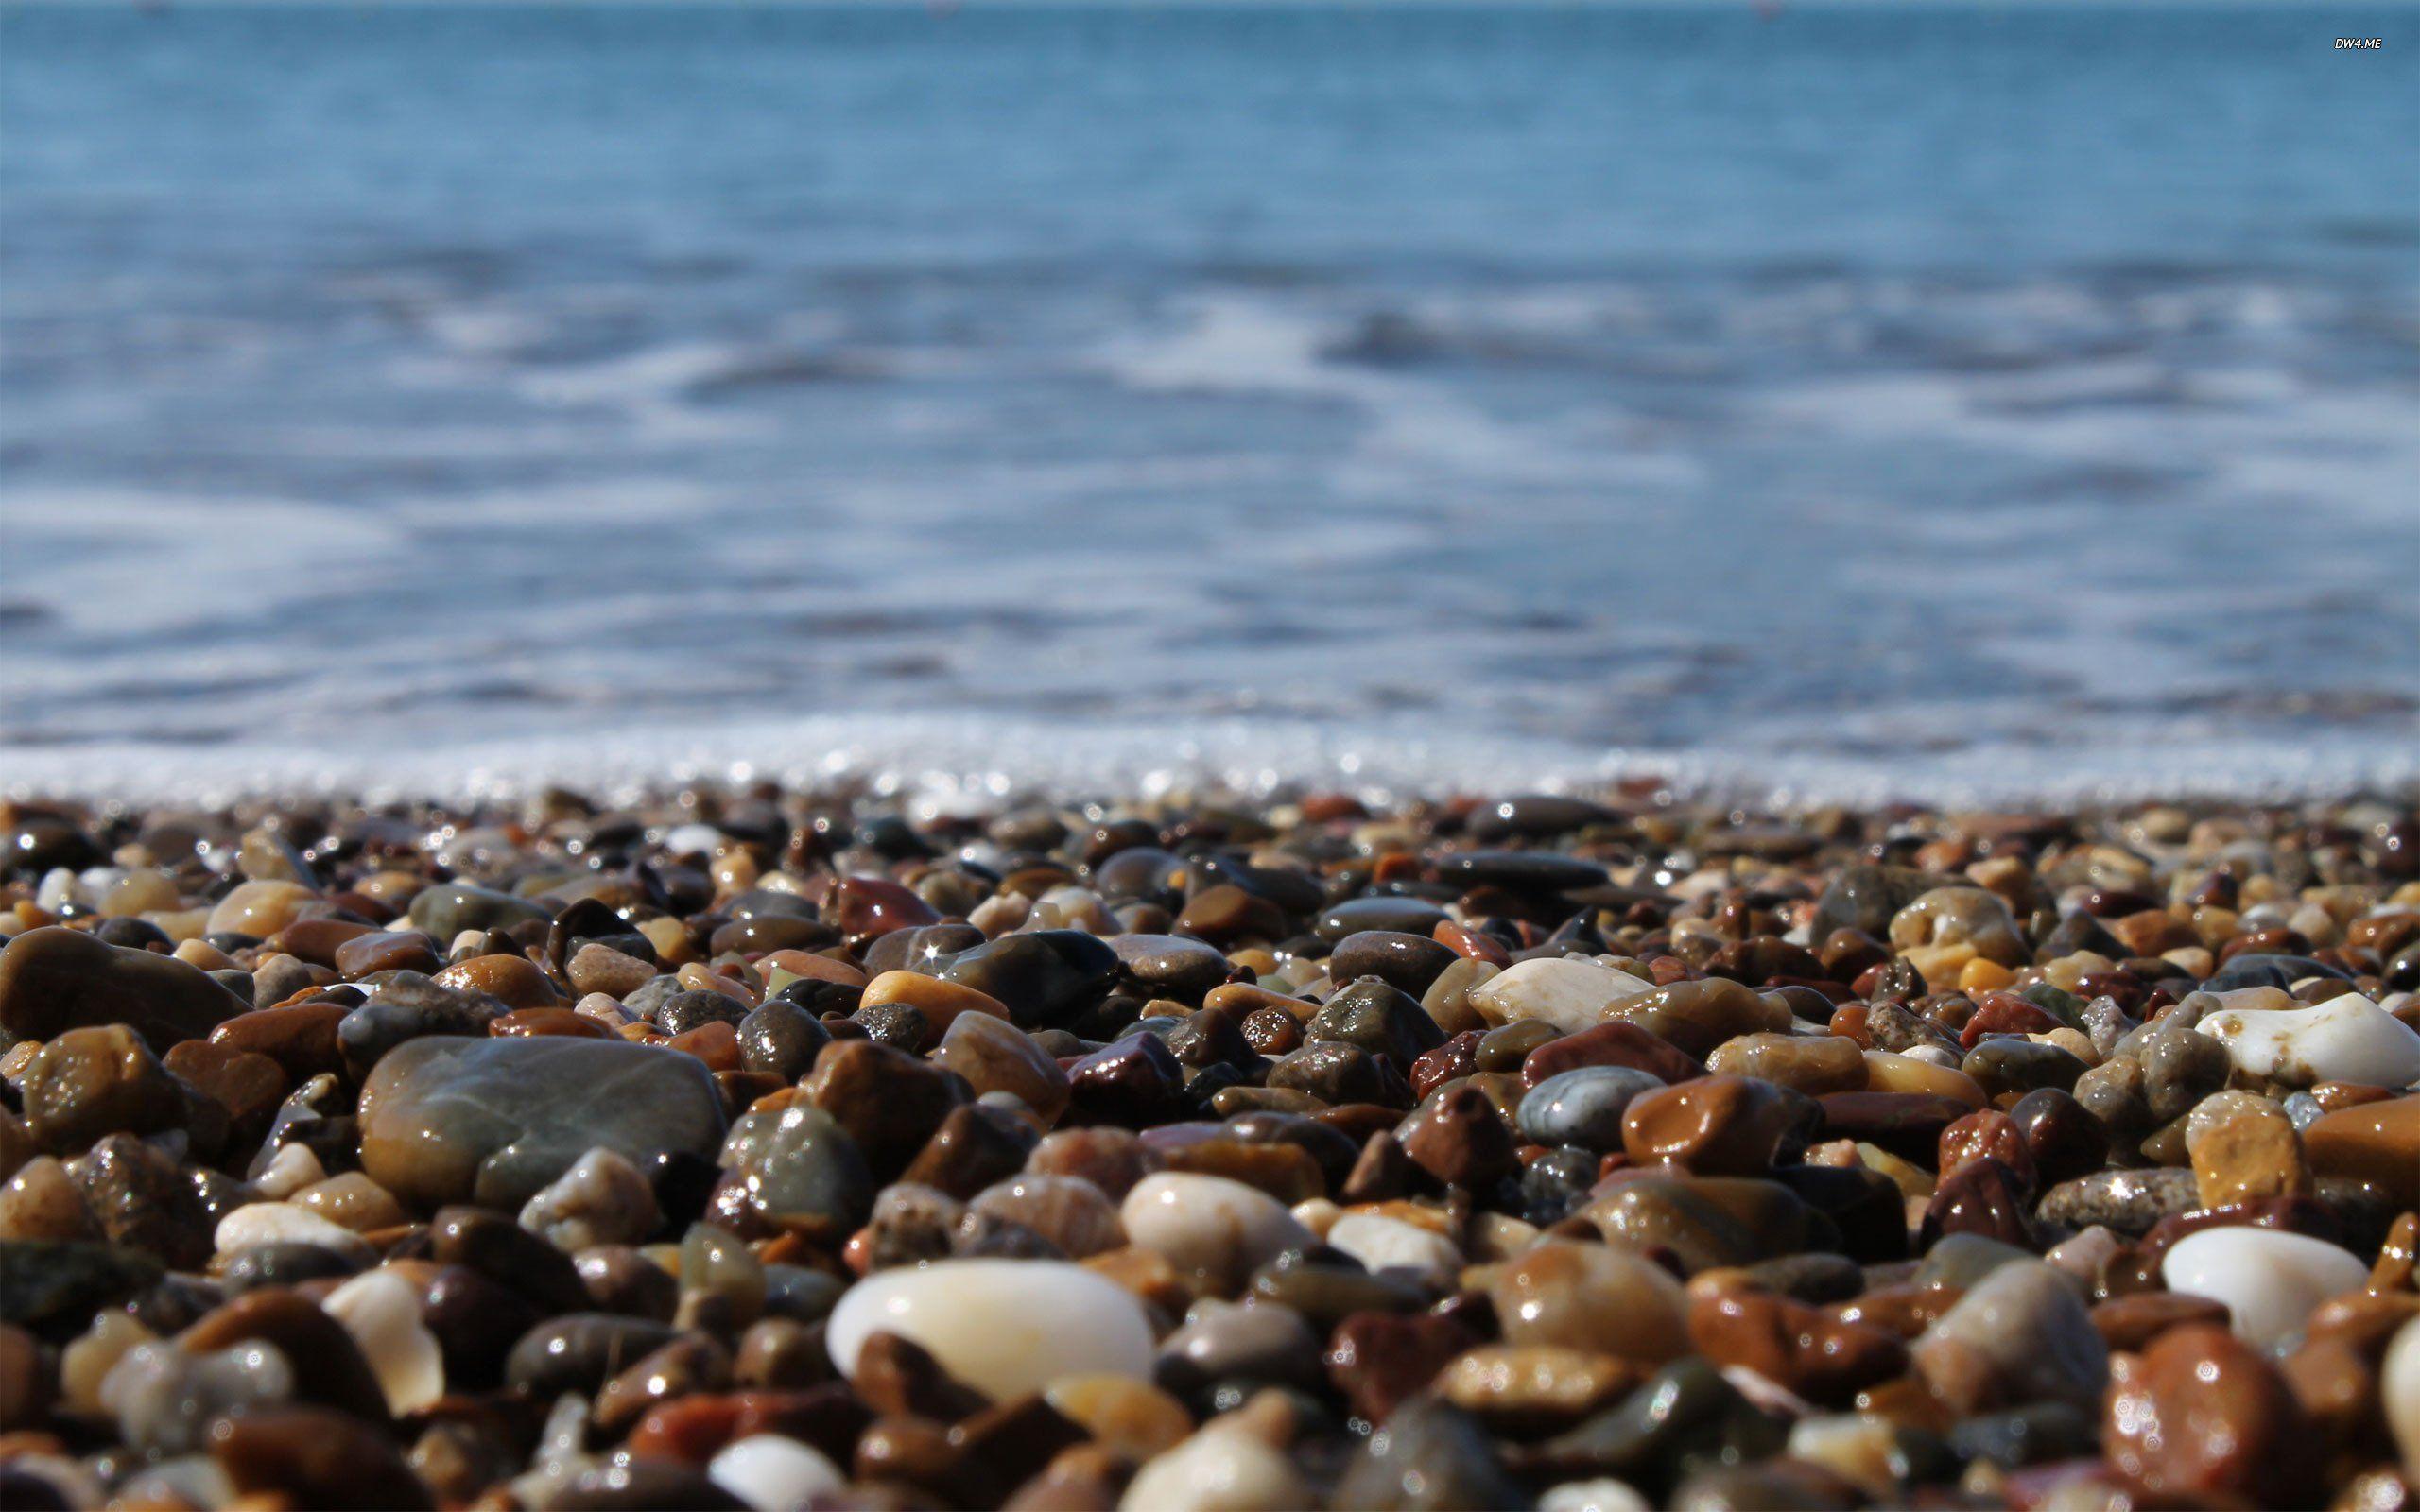 Nature Sea Water Bubbles Beach Stone Wallpapers Hd Desktop Stone Wallpaper Beach Stones Beach Wallpaper